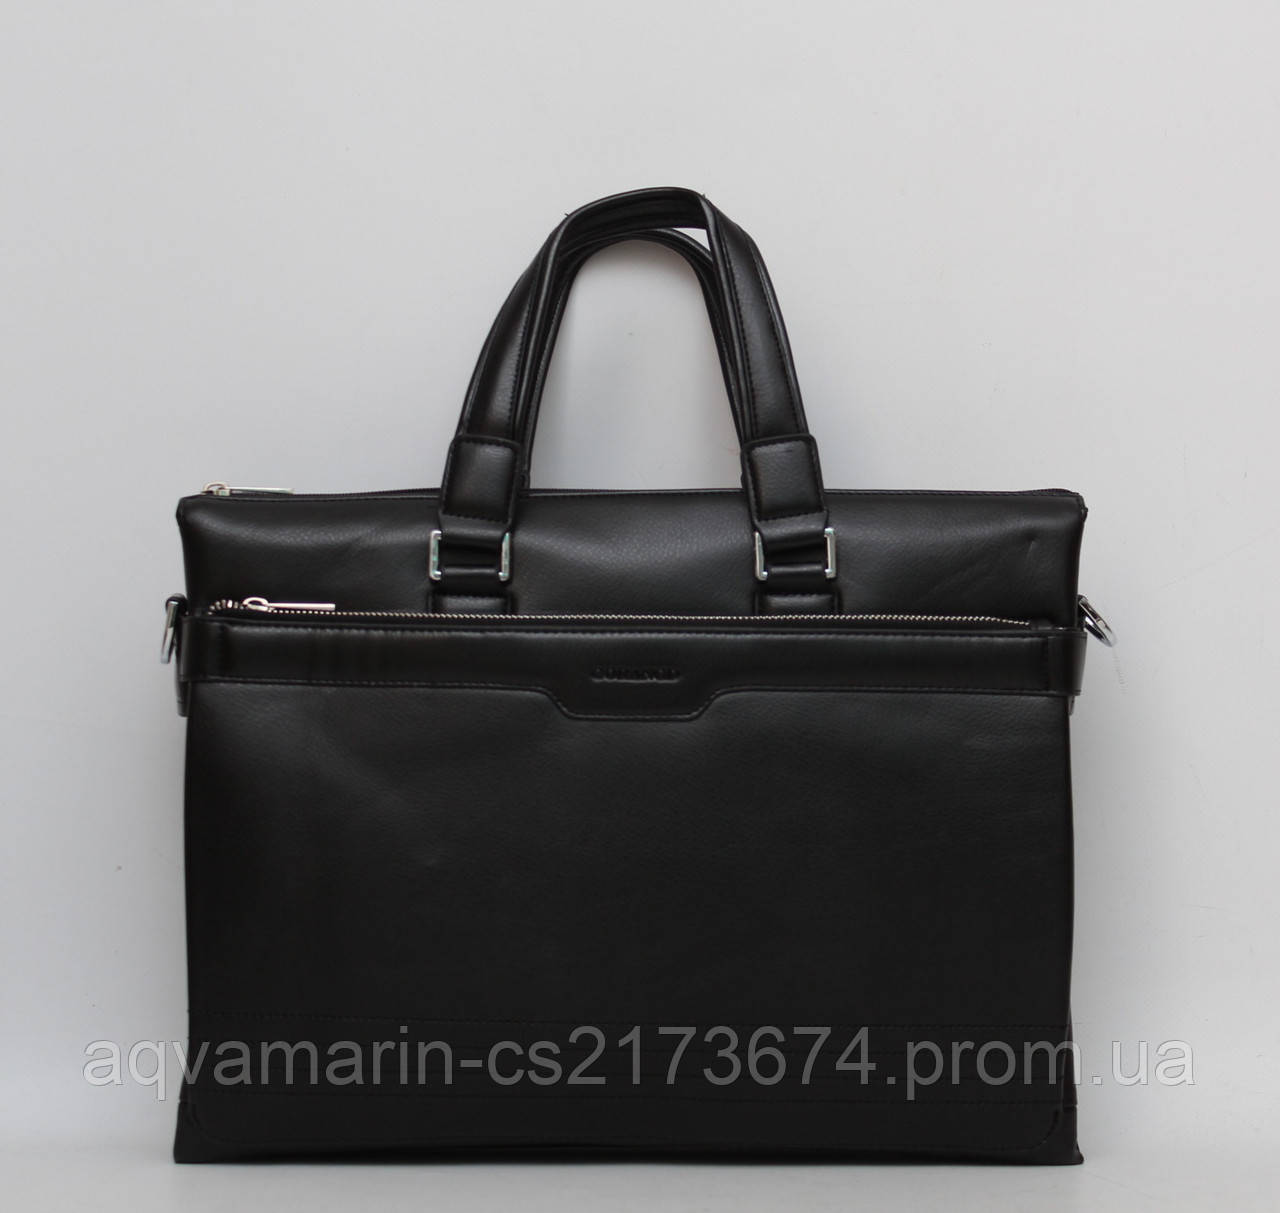 Стильная мужская сумка Gorangd через плечо с отделом под ноутбук -  Аqvamarin в Одессе e7e8370cb68fe